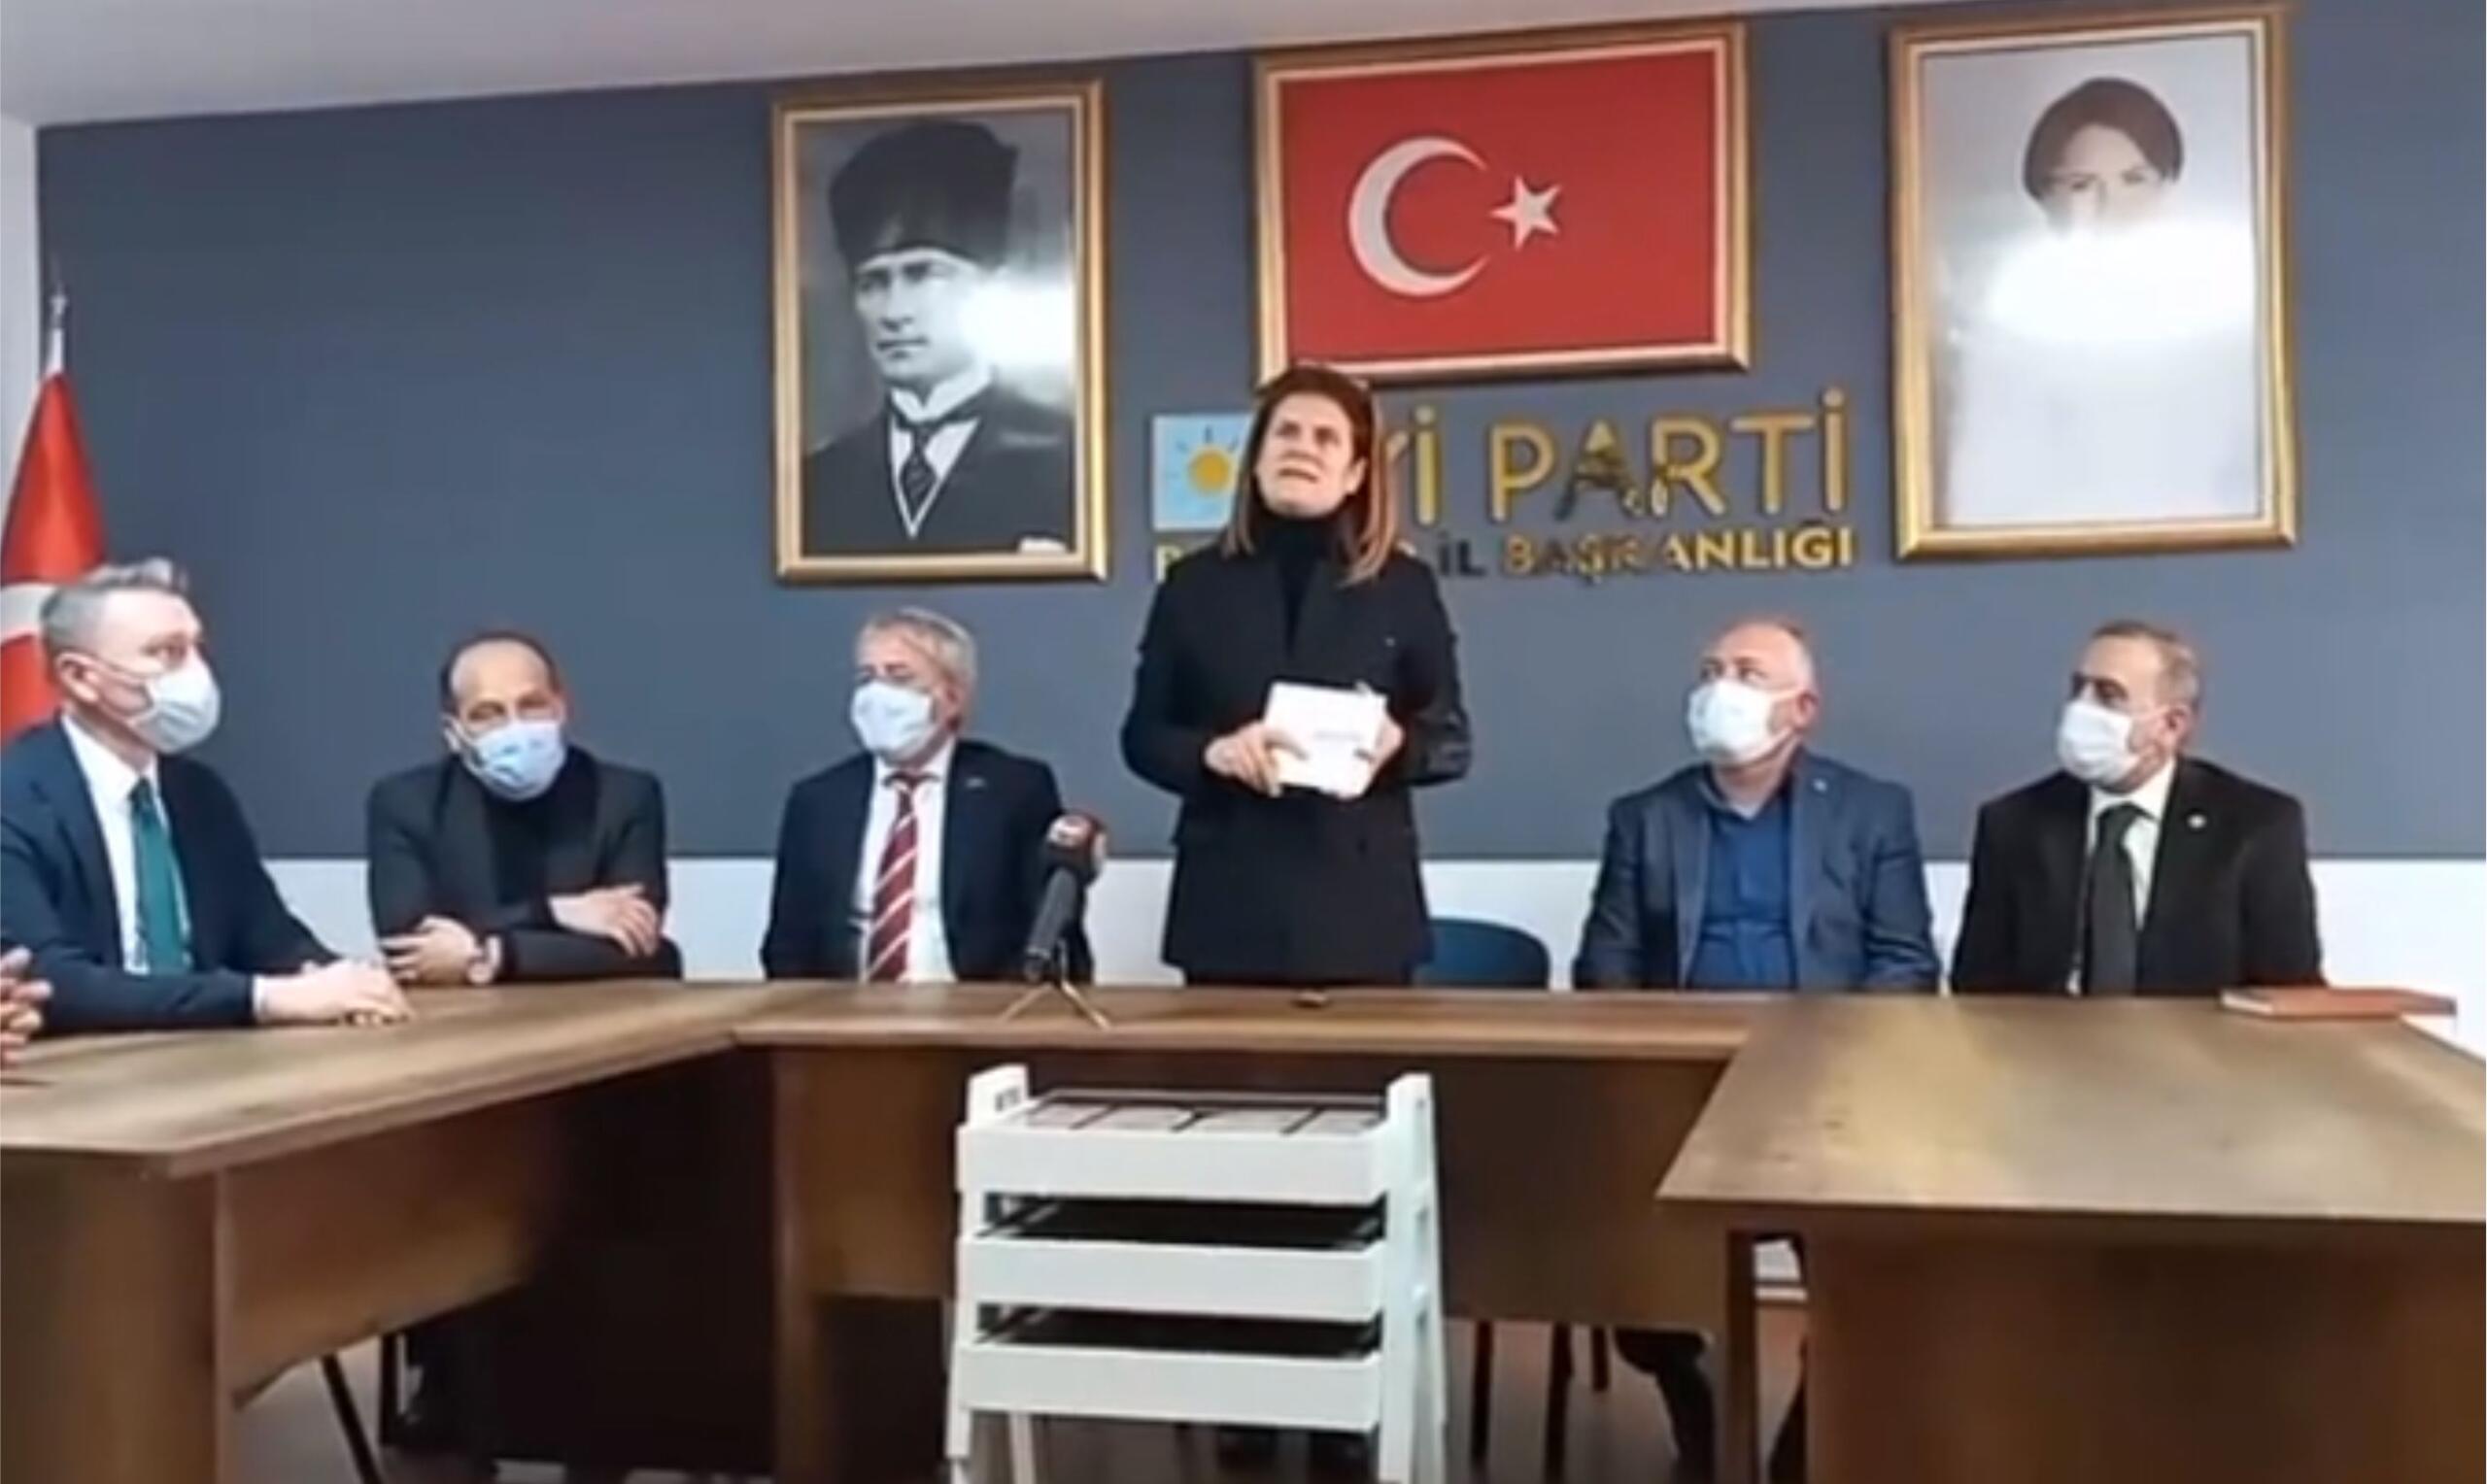 İYİ PARTİ'DEN YASİN SAĞAY'A 'İP' TEPKİSİ